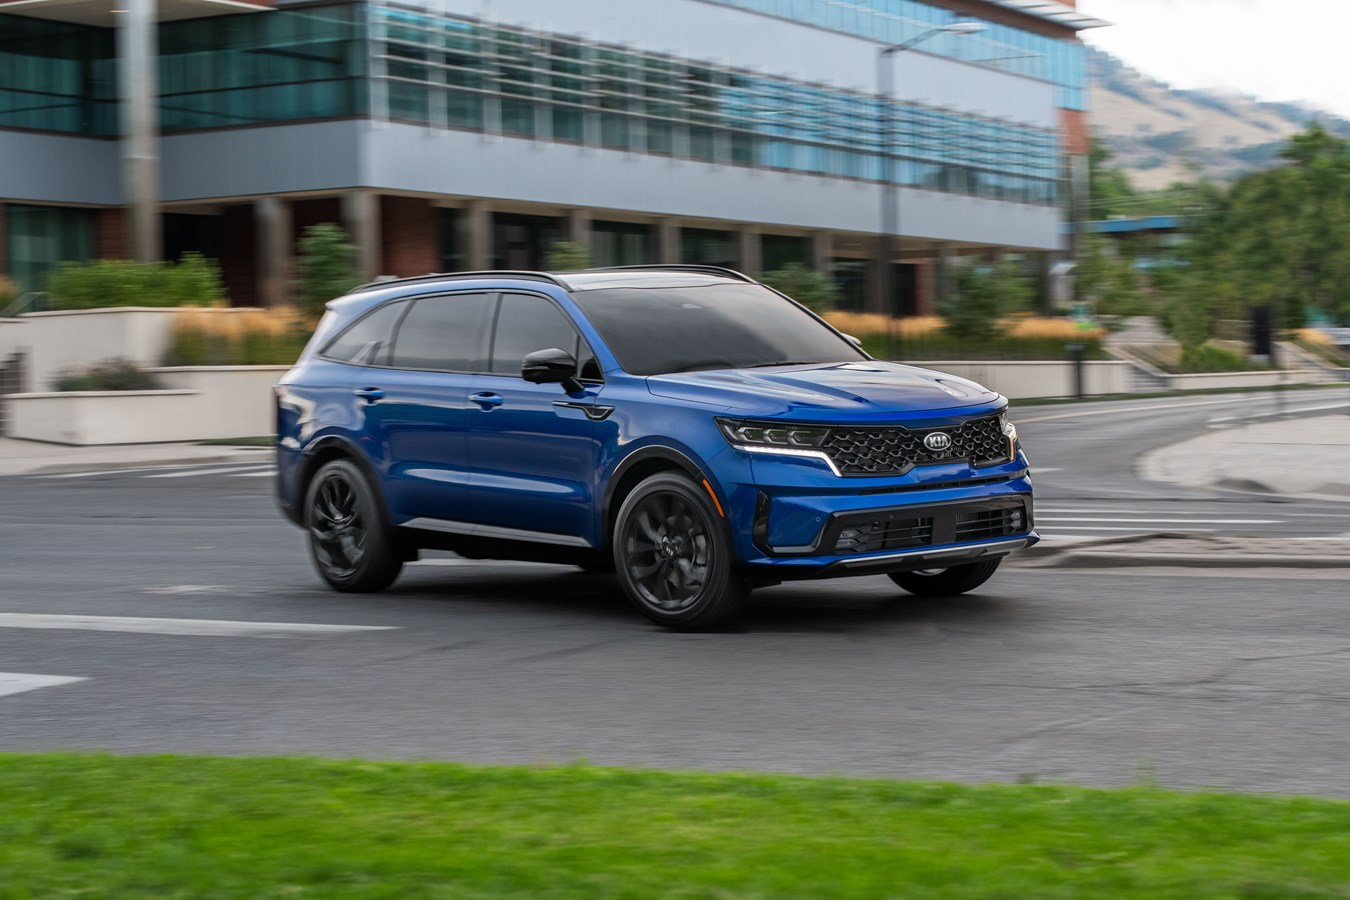 2021 Kia Sorento Hybrid three-row SUV: 37 mpg tops Highlander Hybrid, 30-mile plug-in too